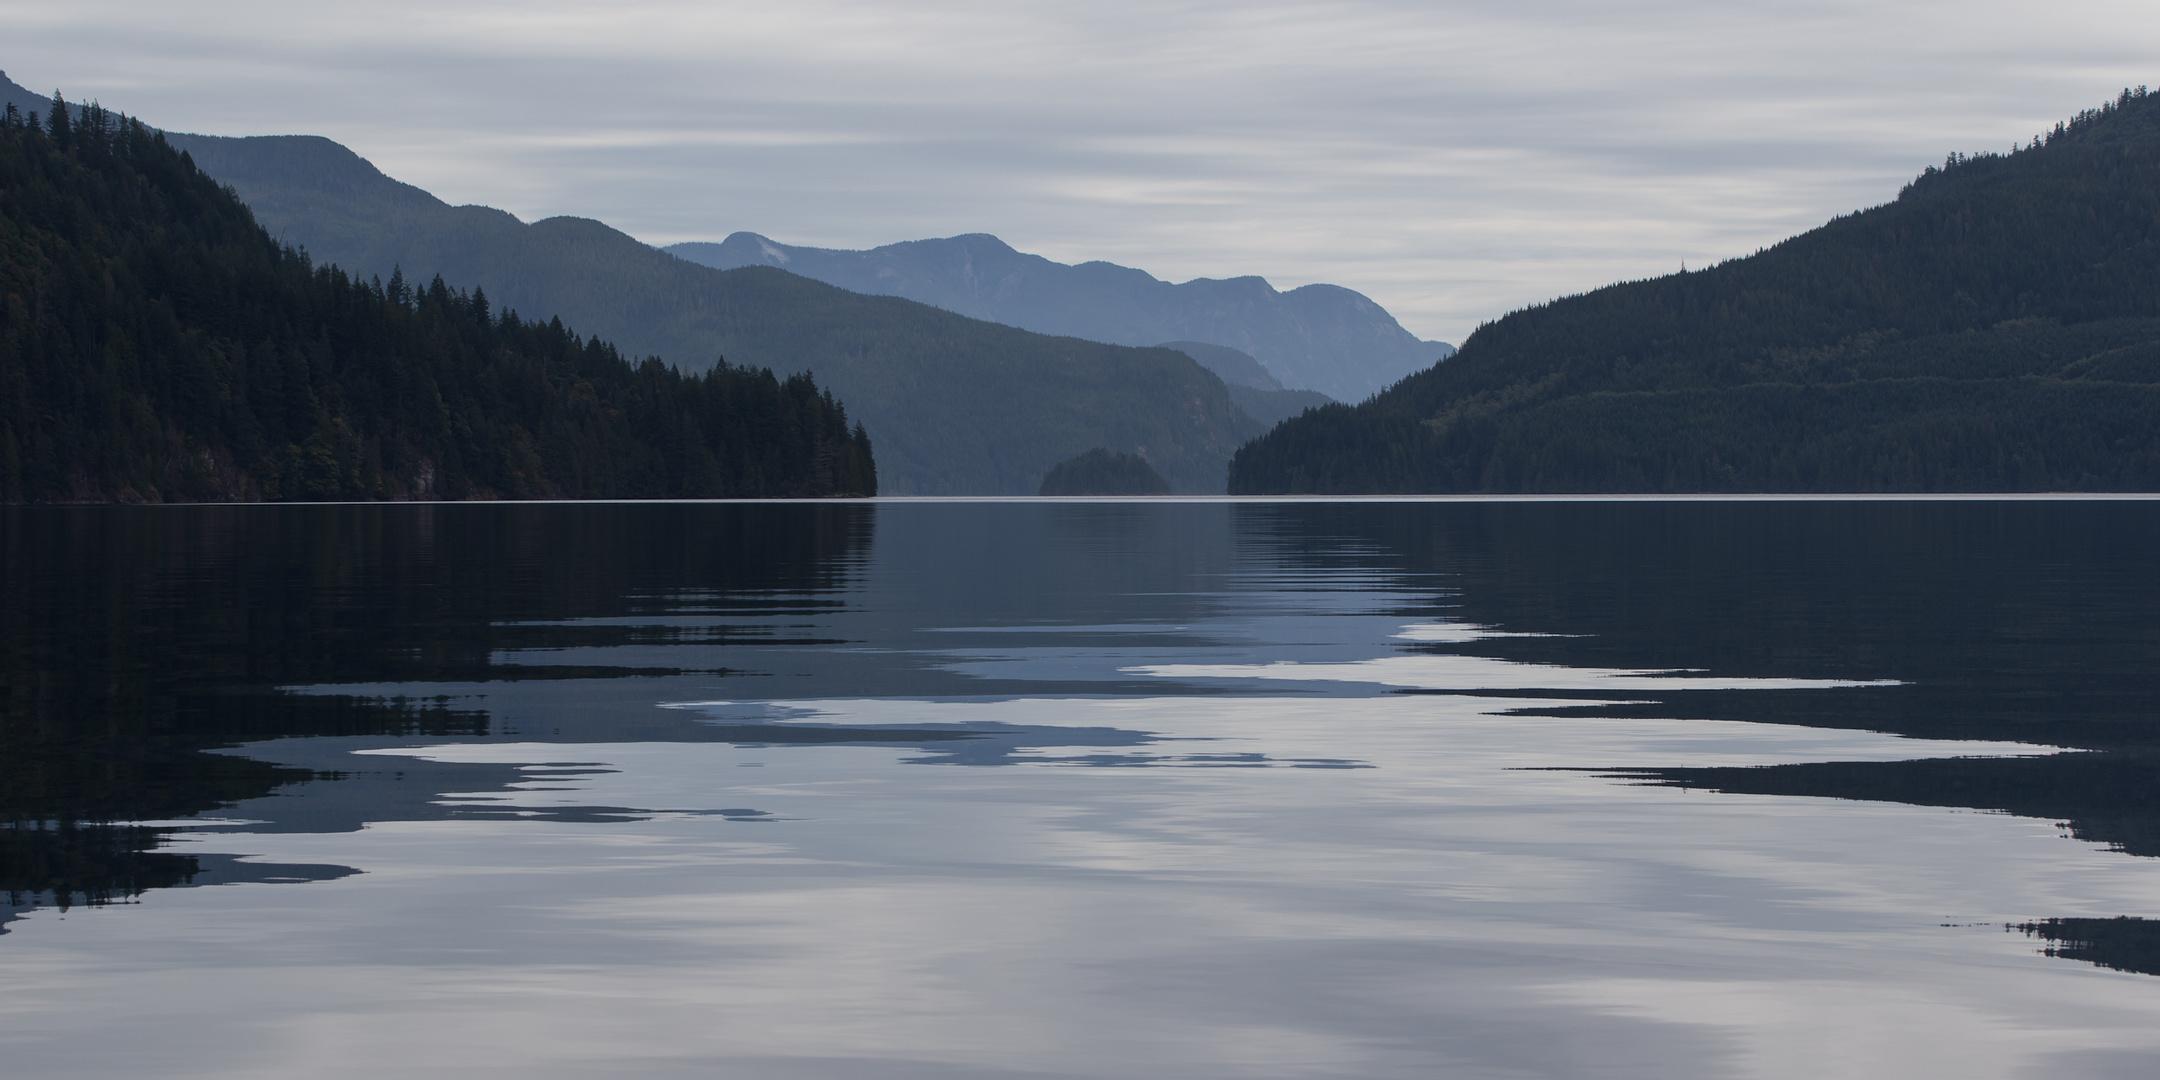 Ruhe auf dem Wasser